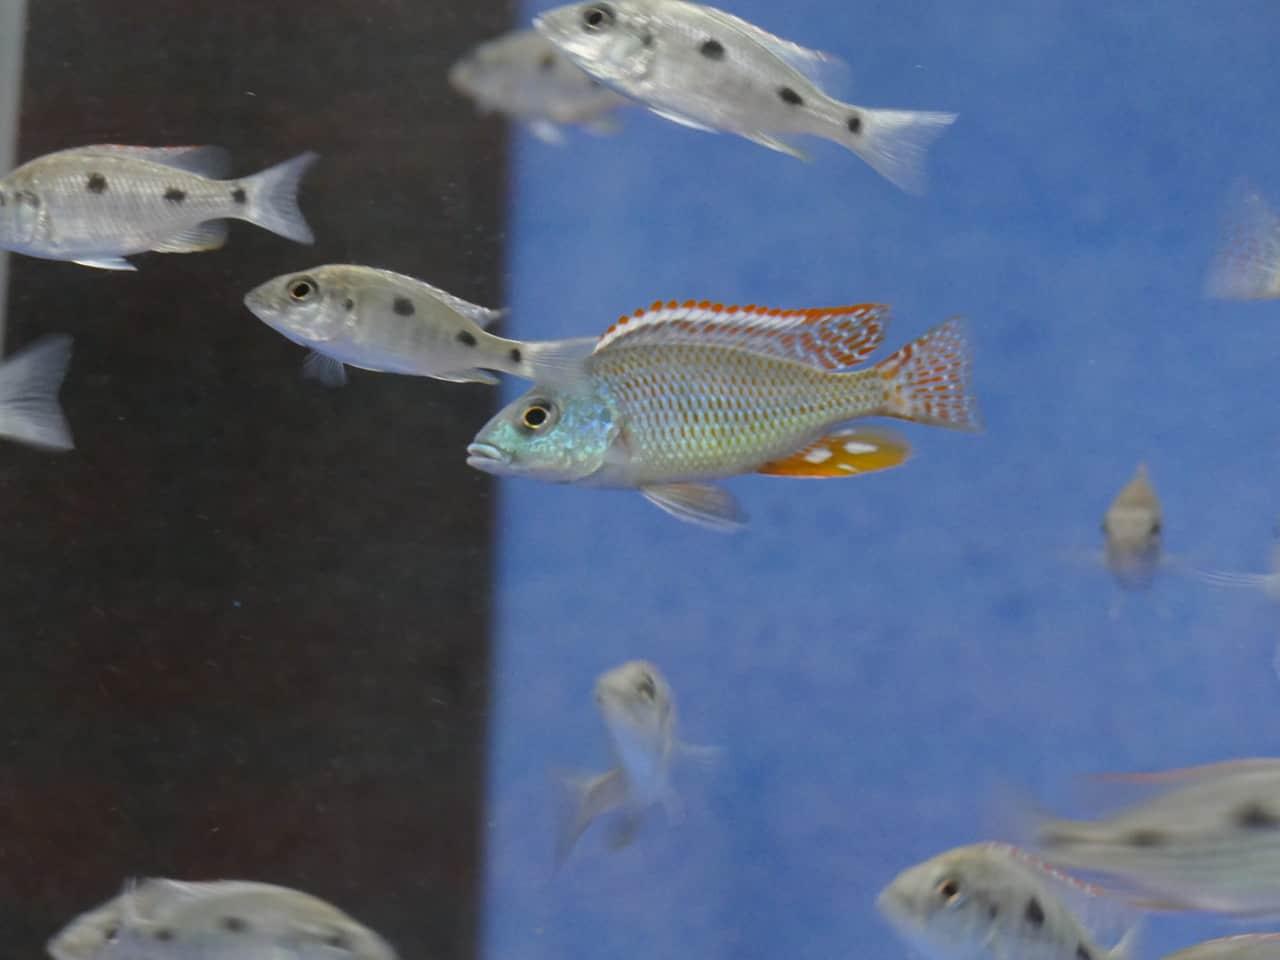 259: Buntbarsche aus dem Malawisee - Haltung und Zucht der bunten Fische im Aquarium (Tobias Buchheit) 2